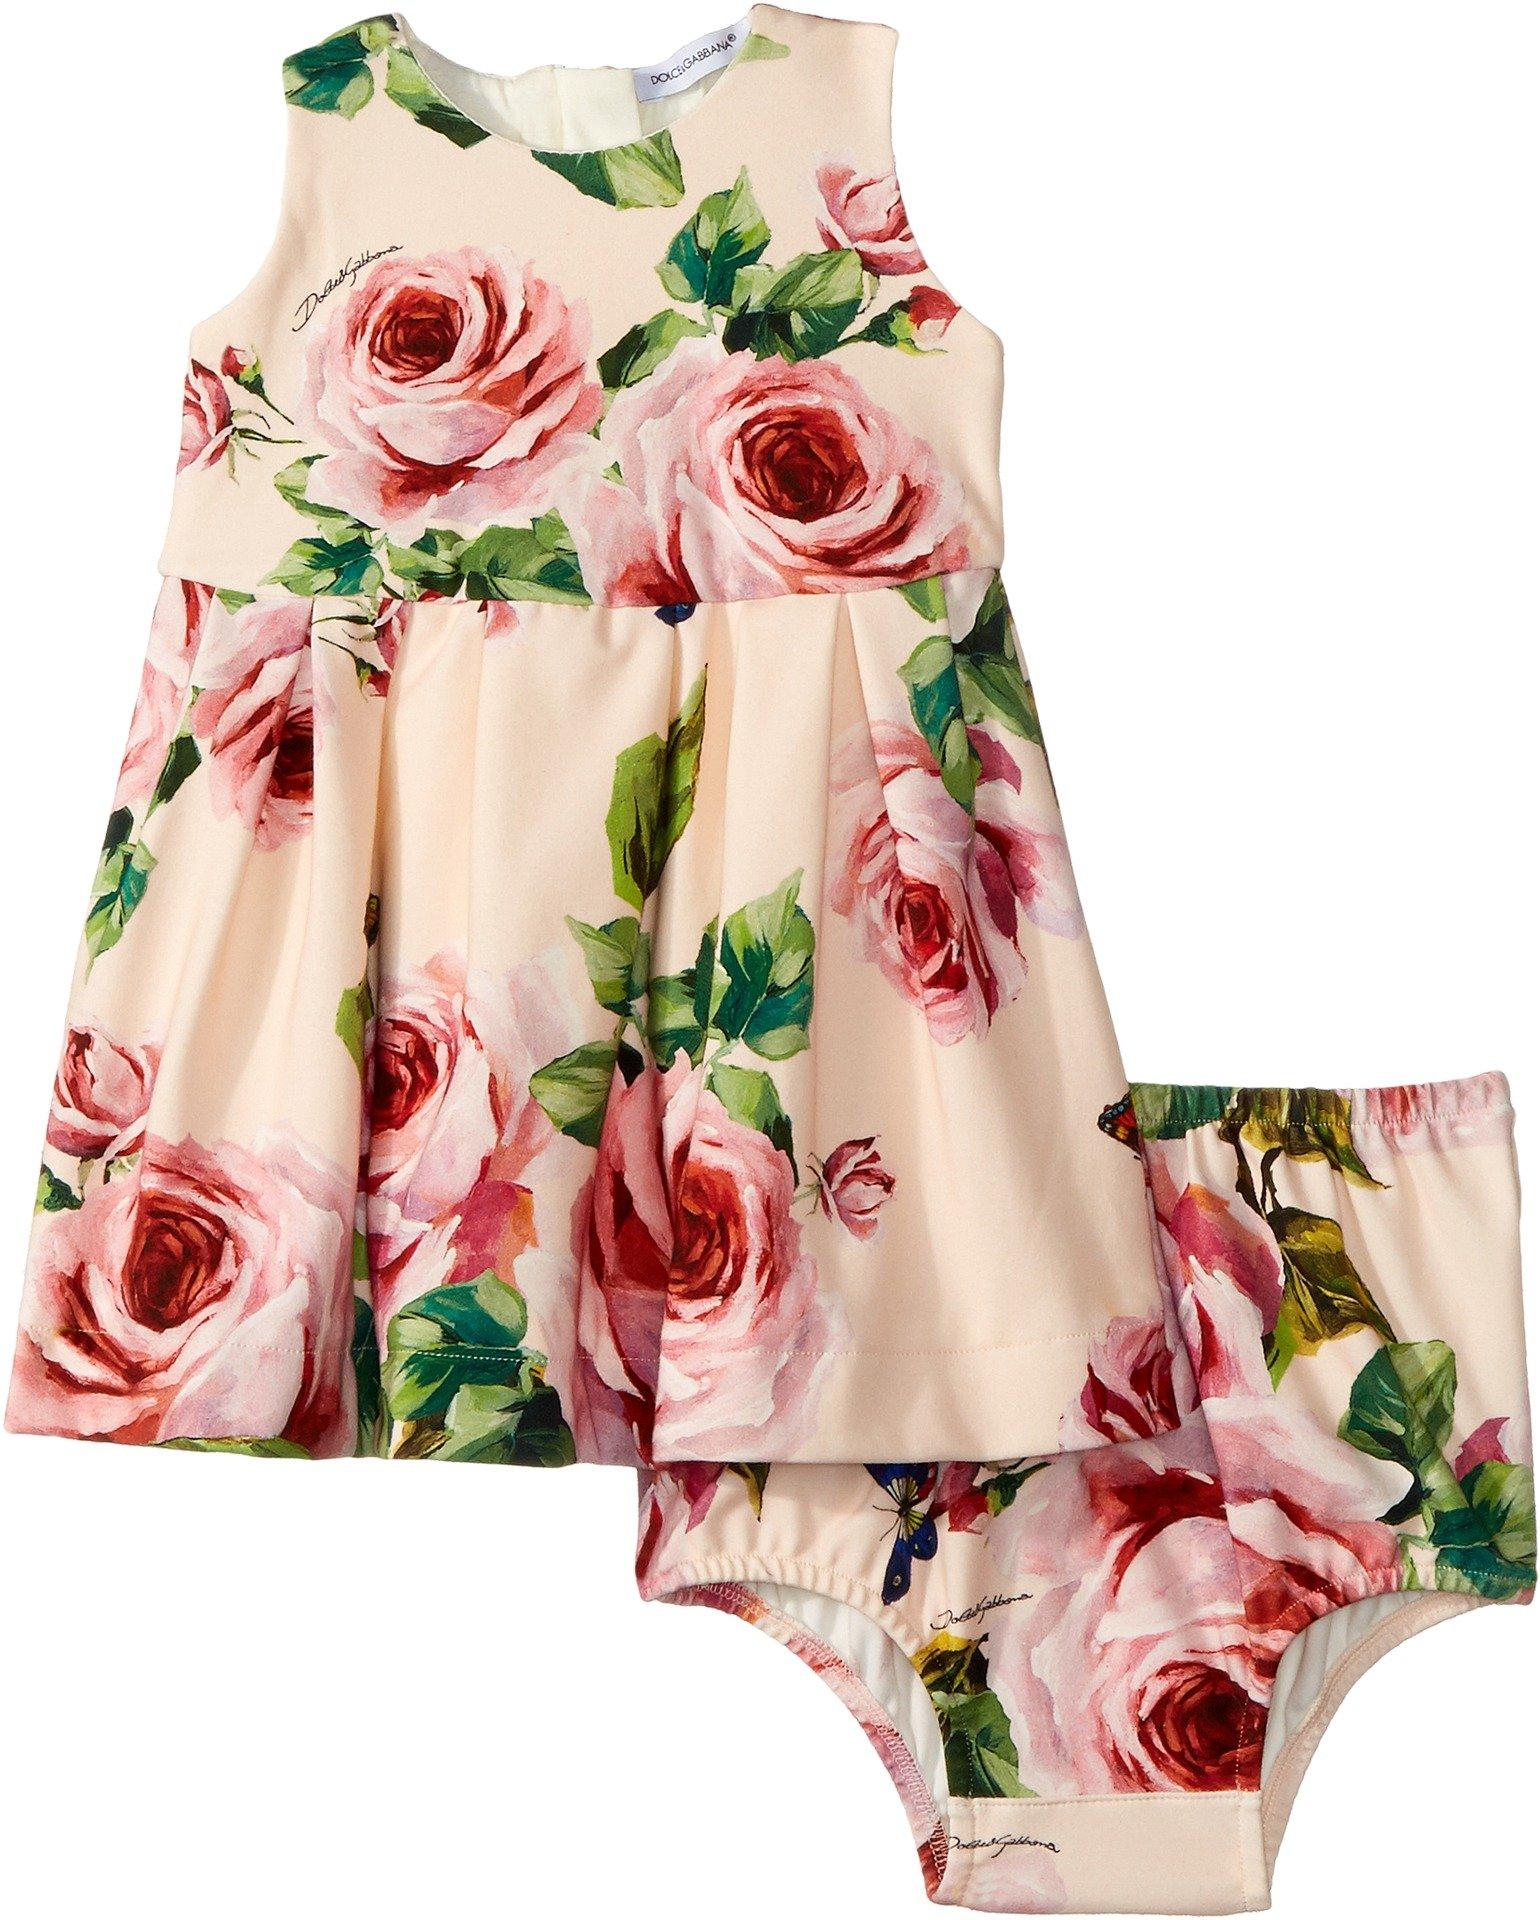 Dolce & Gabbana Kids Baby Girl's Sleeveless Dress Set (Infant) Rose Print 6-9